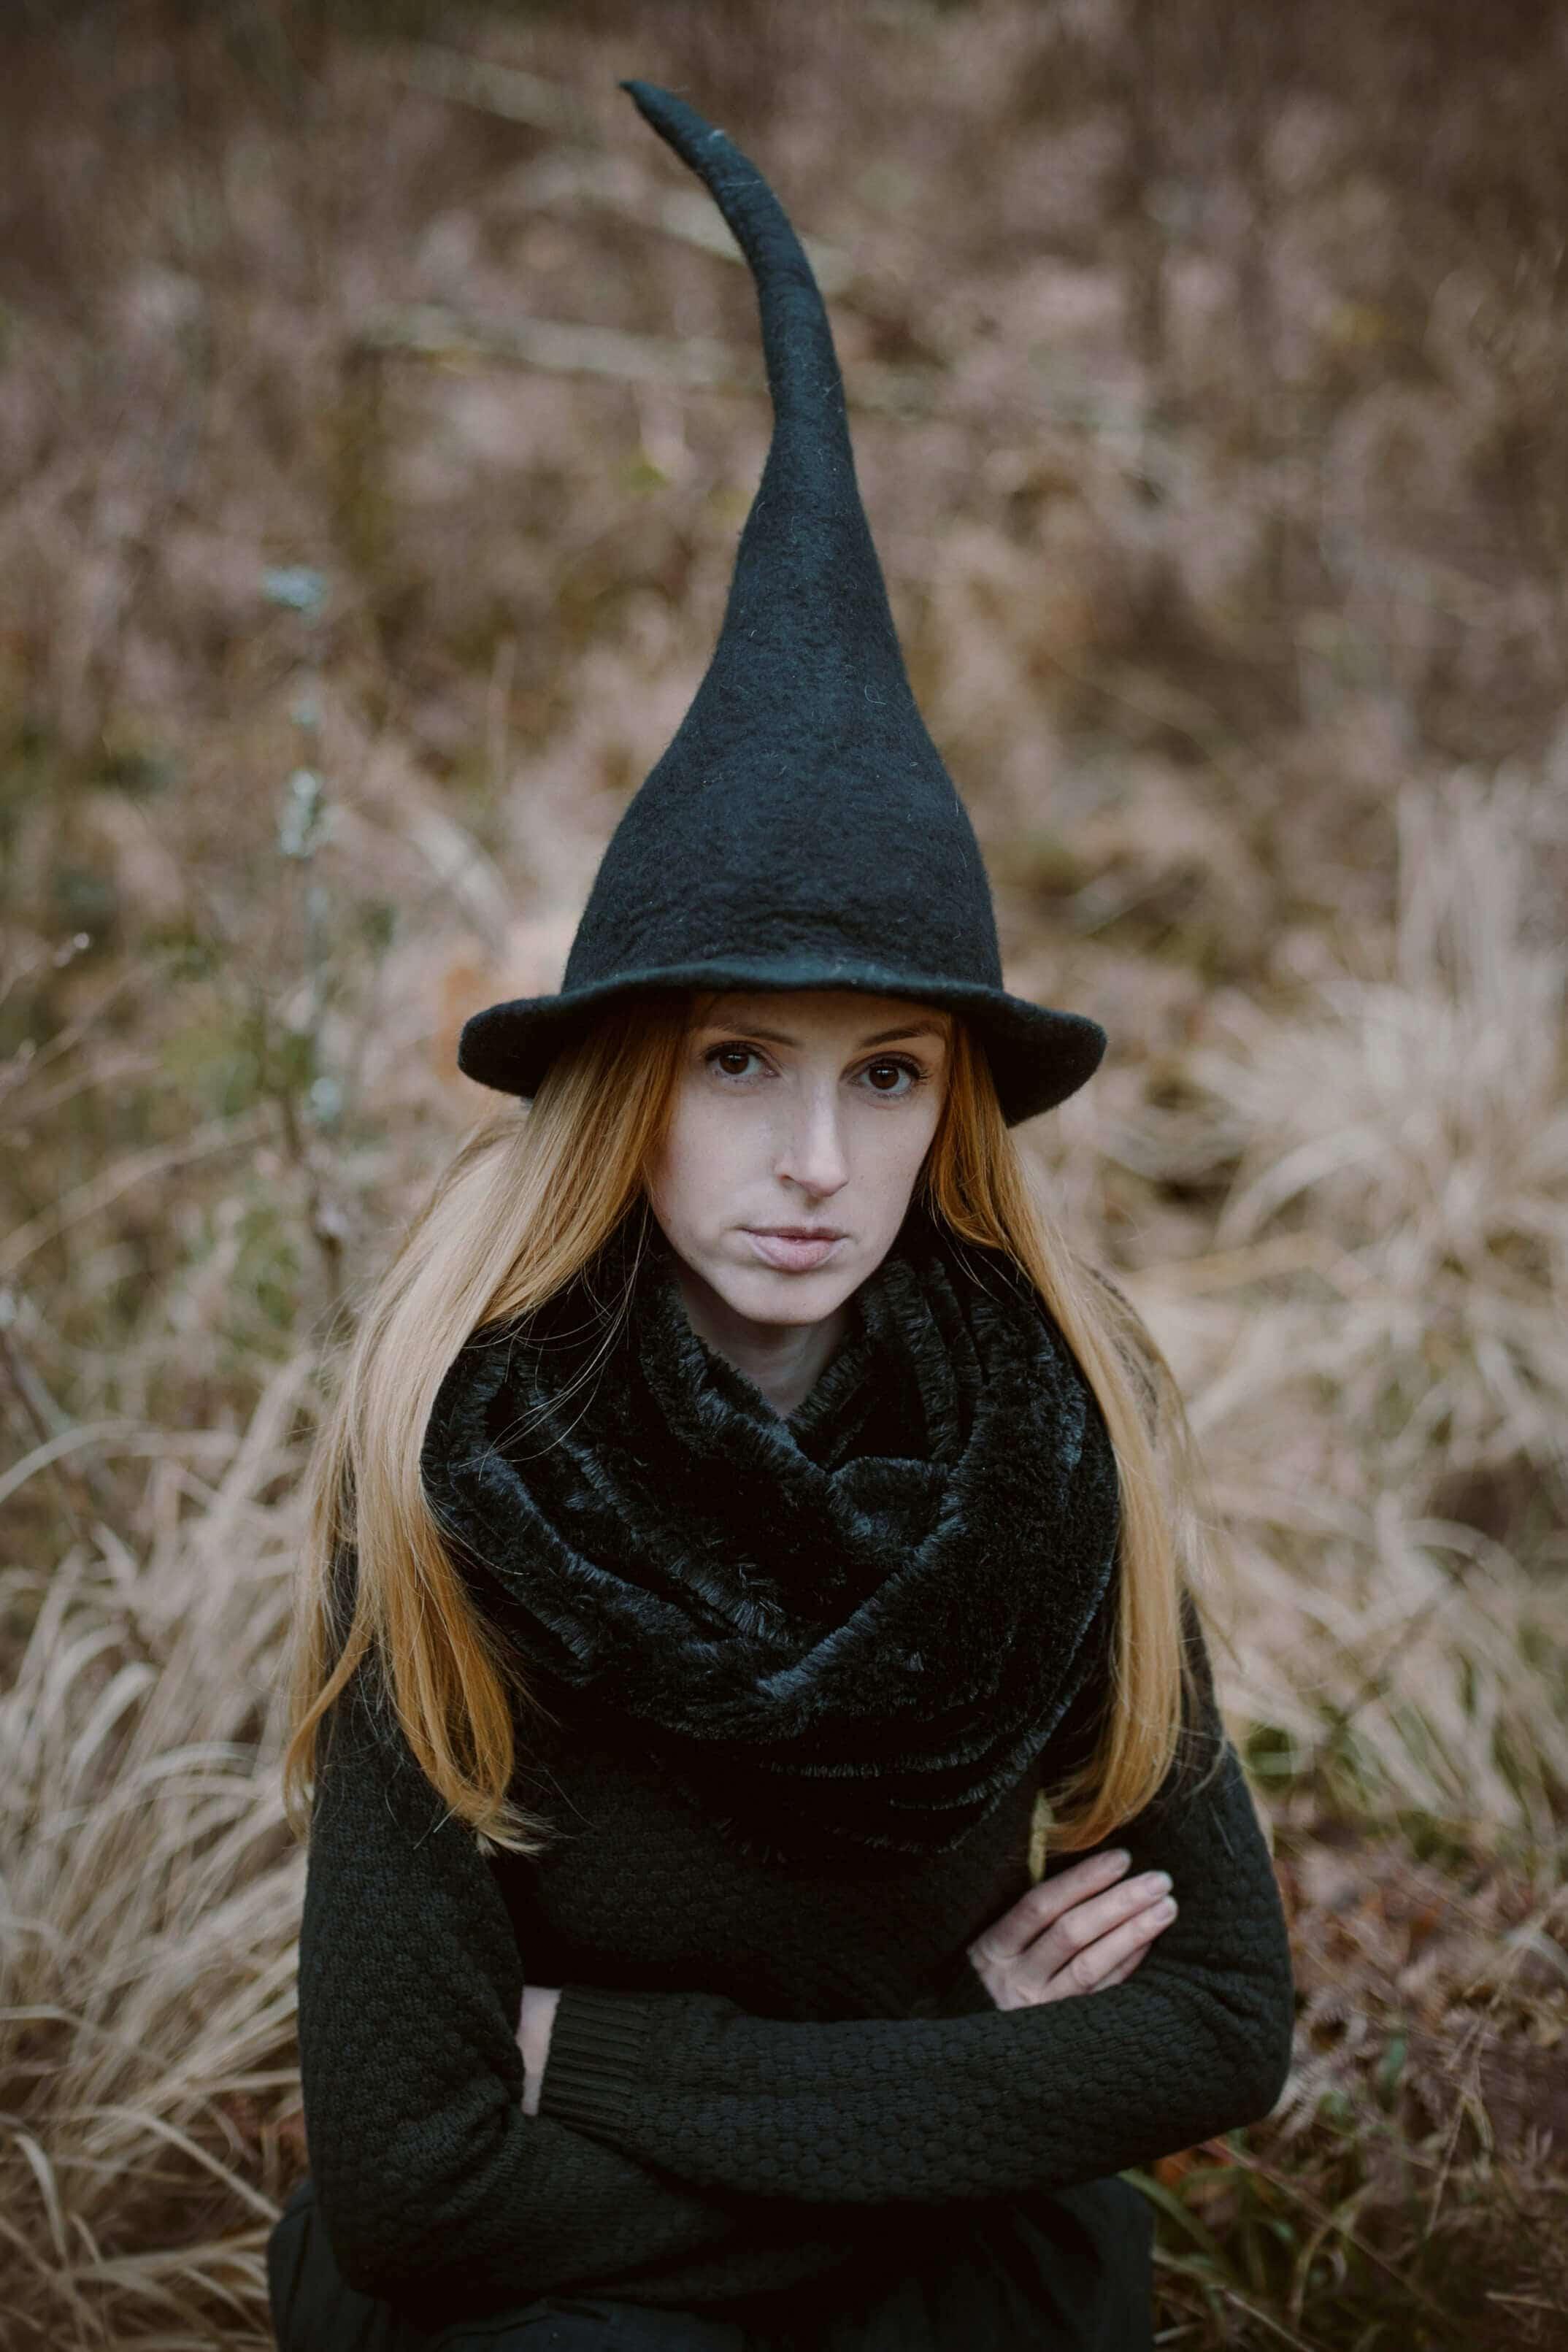 dziewczyna w czarnej czapce wiedźmy